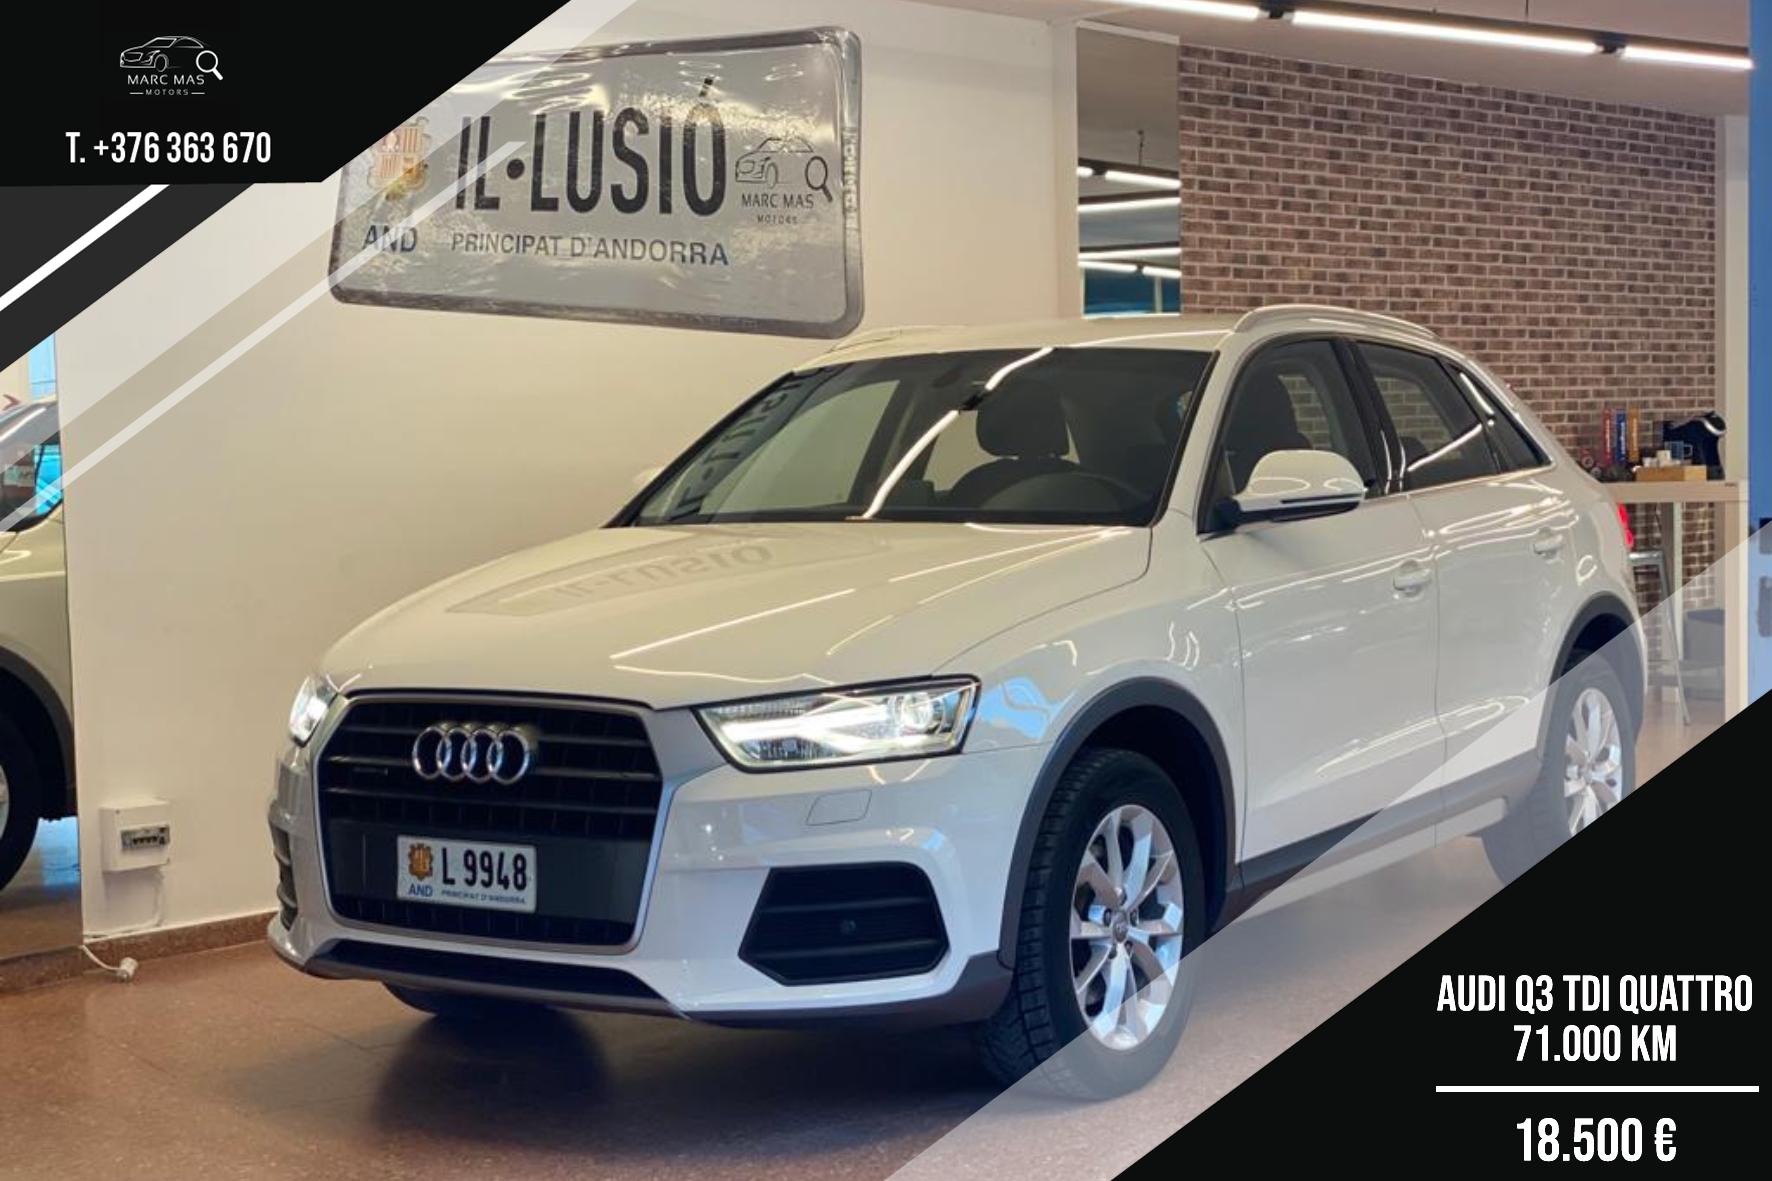 Audi - Q3 - Q3 2.0 TDI QUATTRO Q3 2.0 TDI QUATTRO Dièsel  2016  71.000 Km